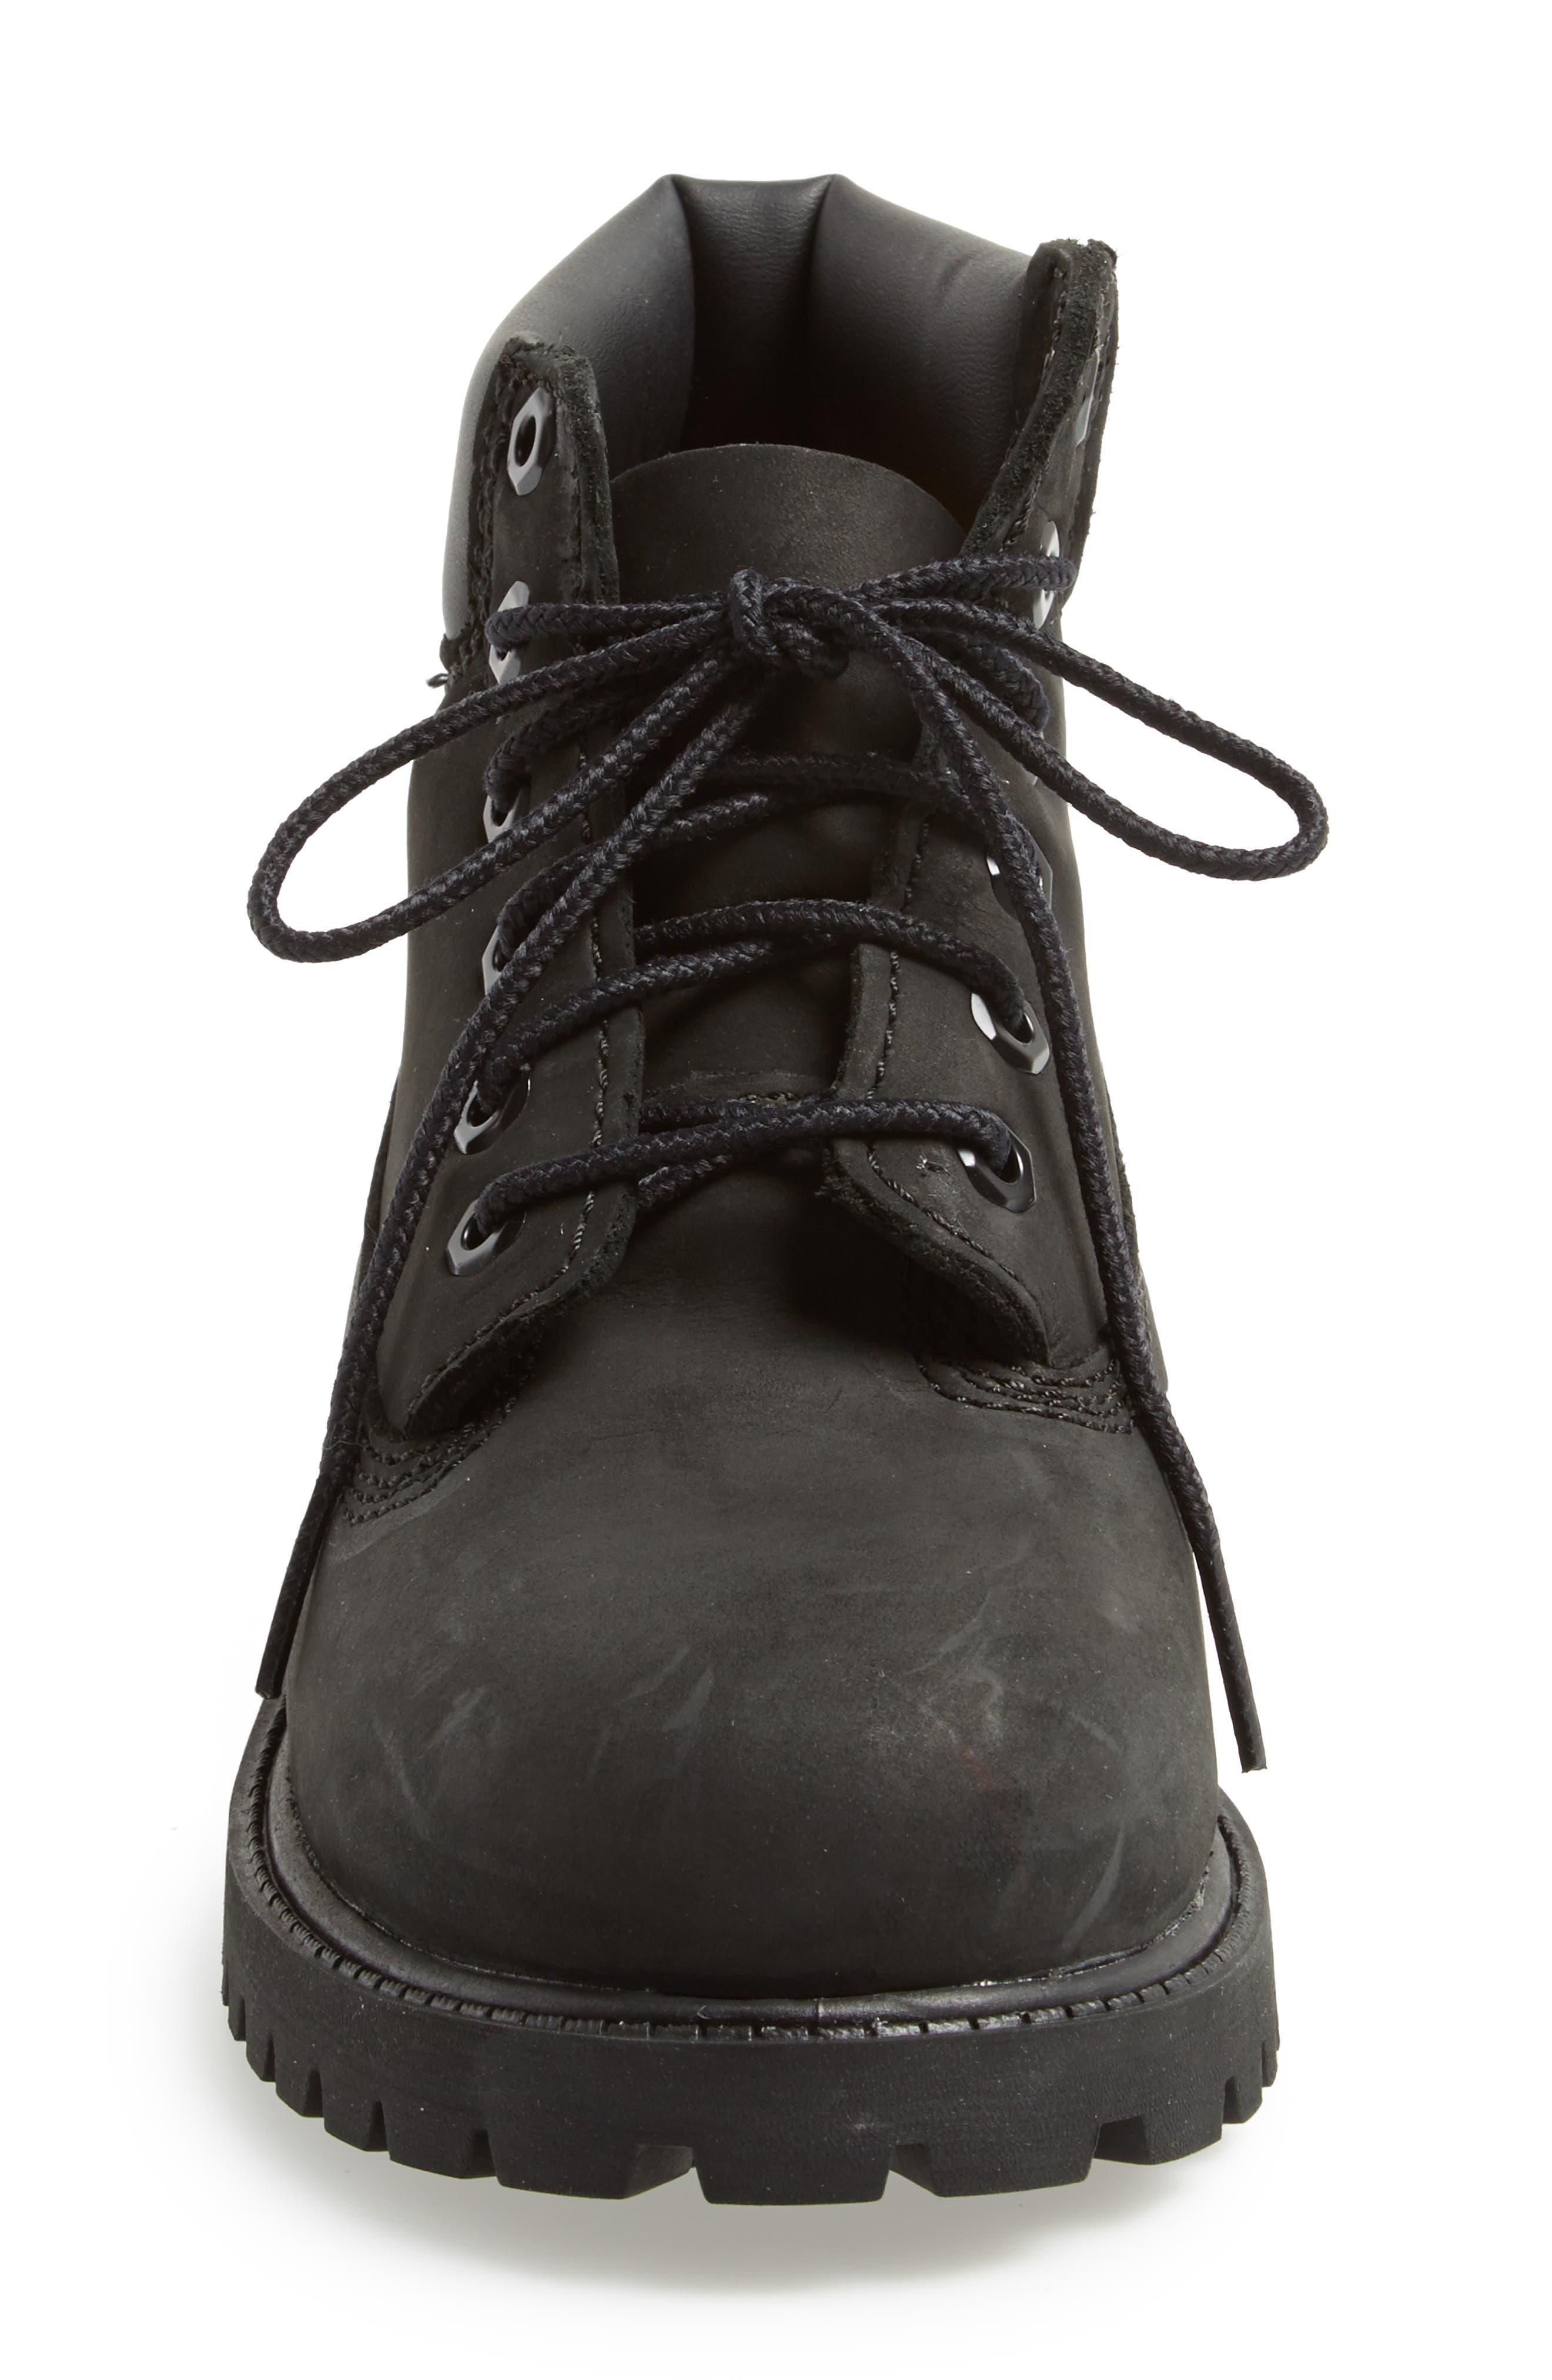 '6 Inch Premium' Waterproof Boot,                             Alternate thumbnail 6, color,                             001